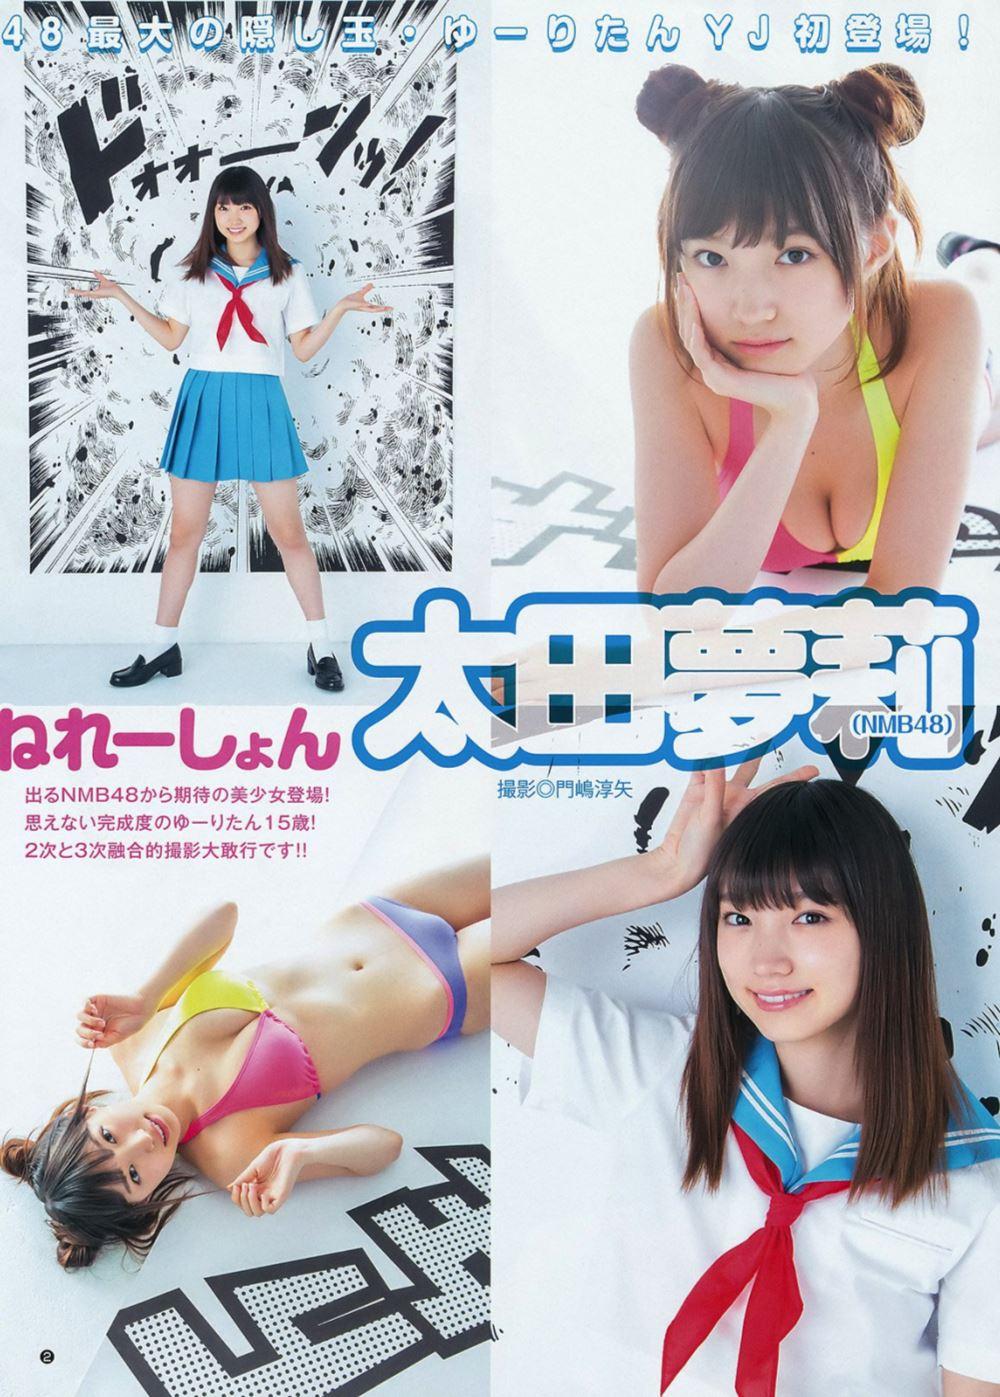 太田夢莉 1万年に1人 可愛い アイドル 水着 画像 40